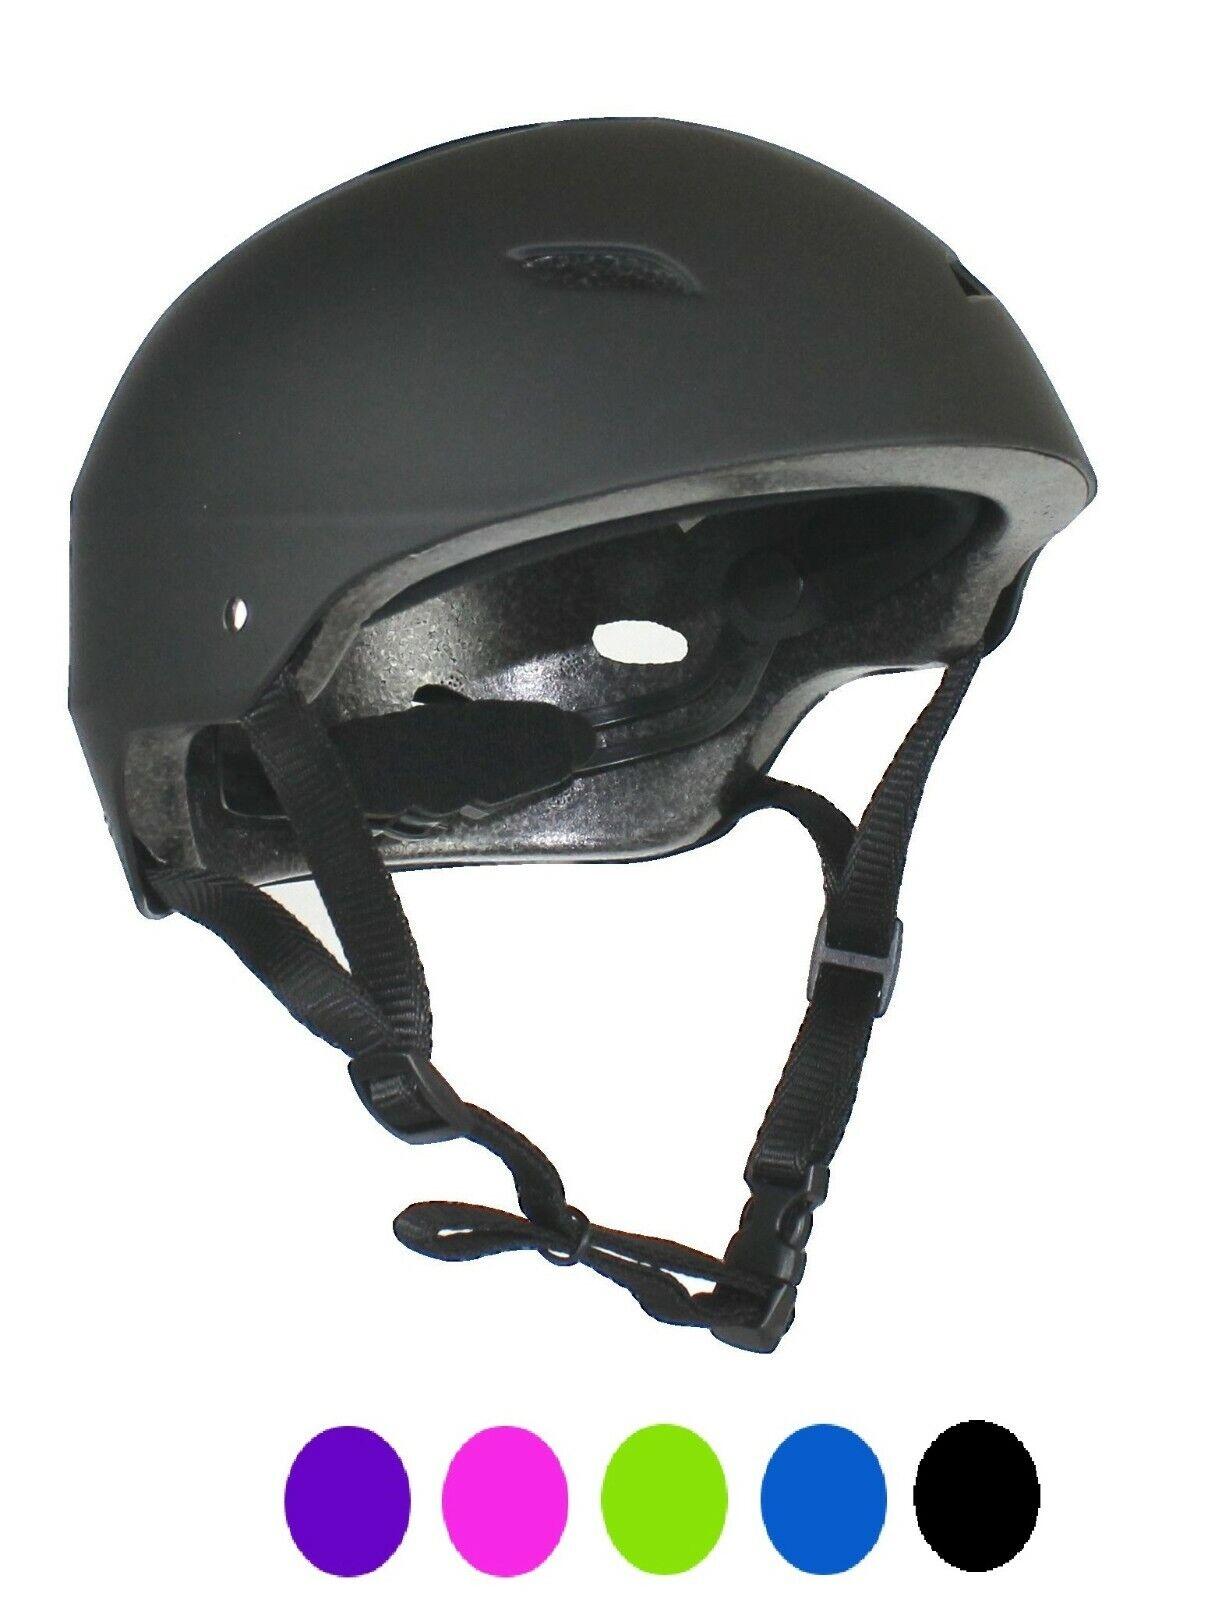 COOL Kid Bike Helmet Skate Safety and Stunt Scooter Sport Full Covered Helmet UK